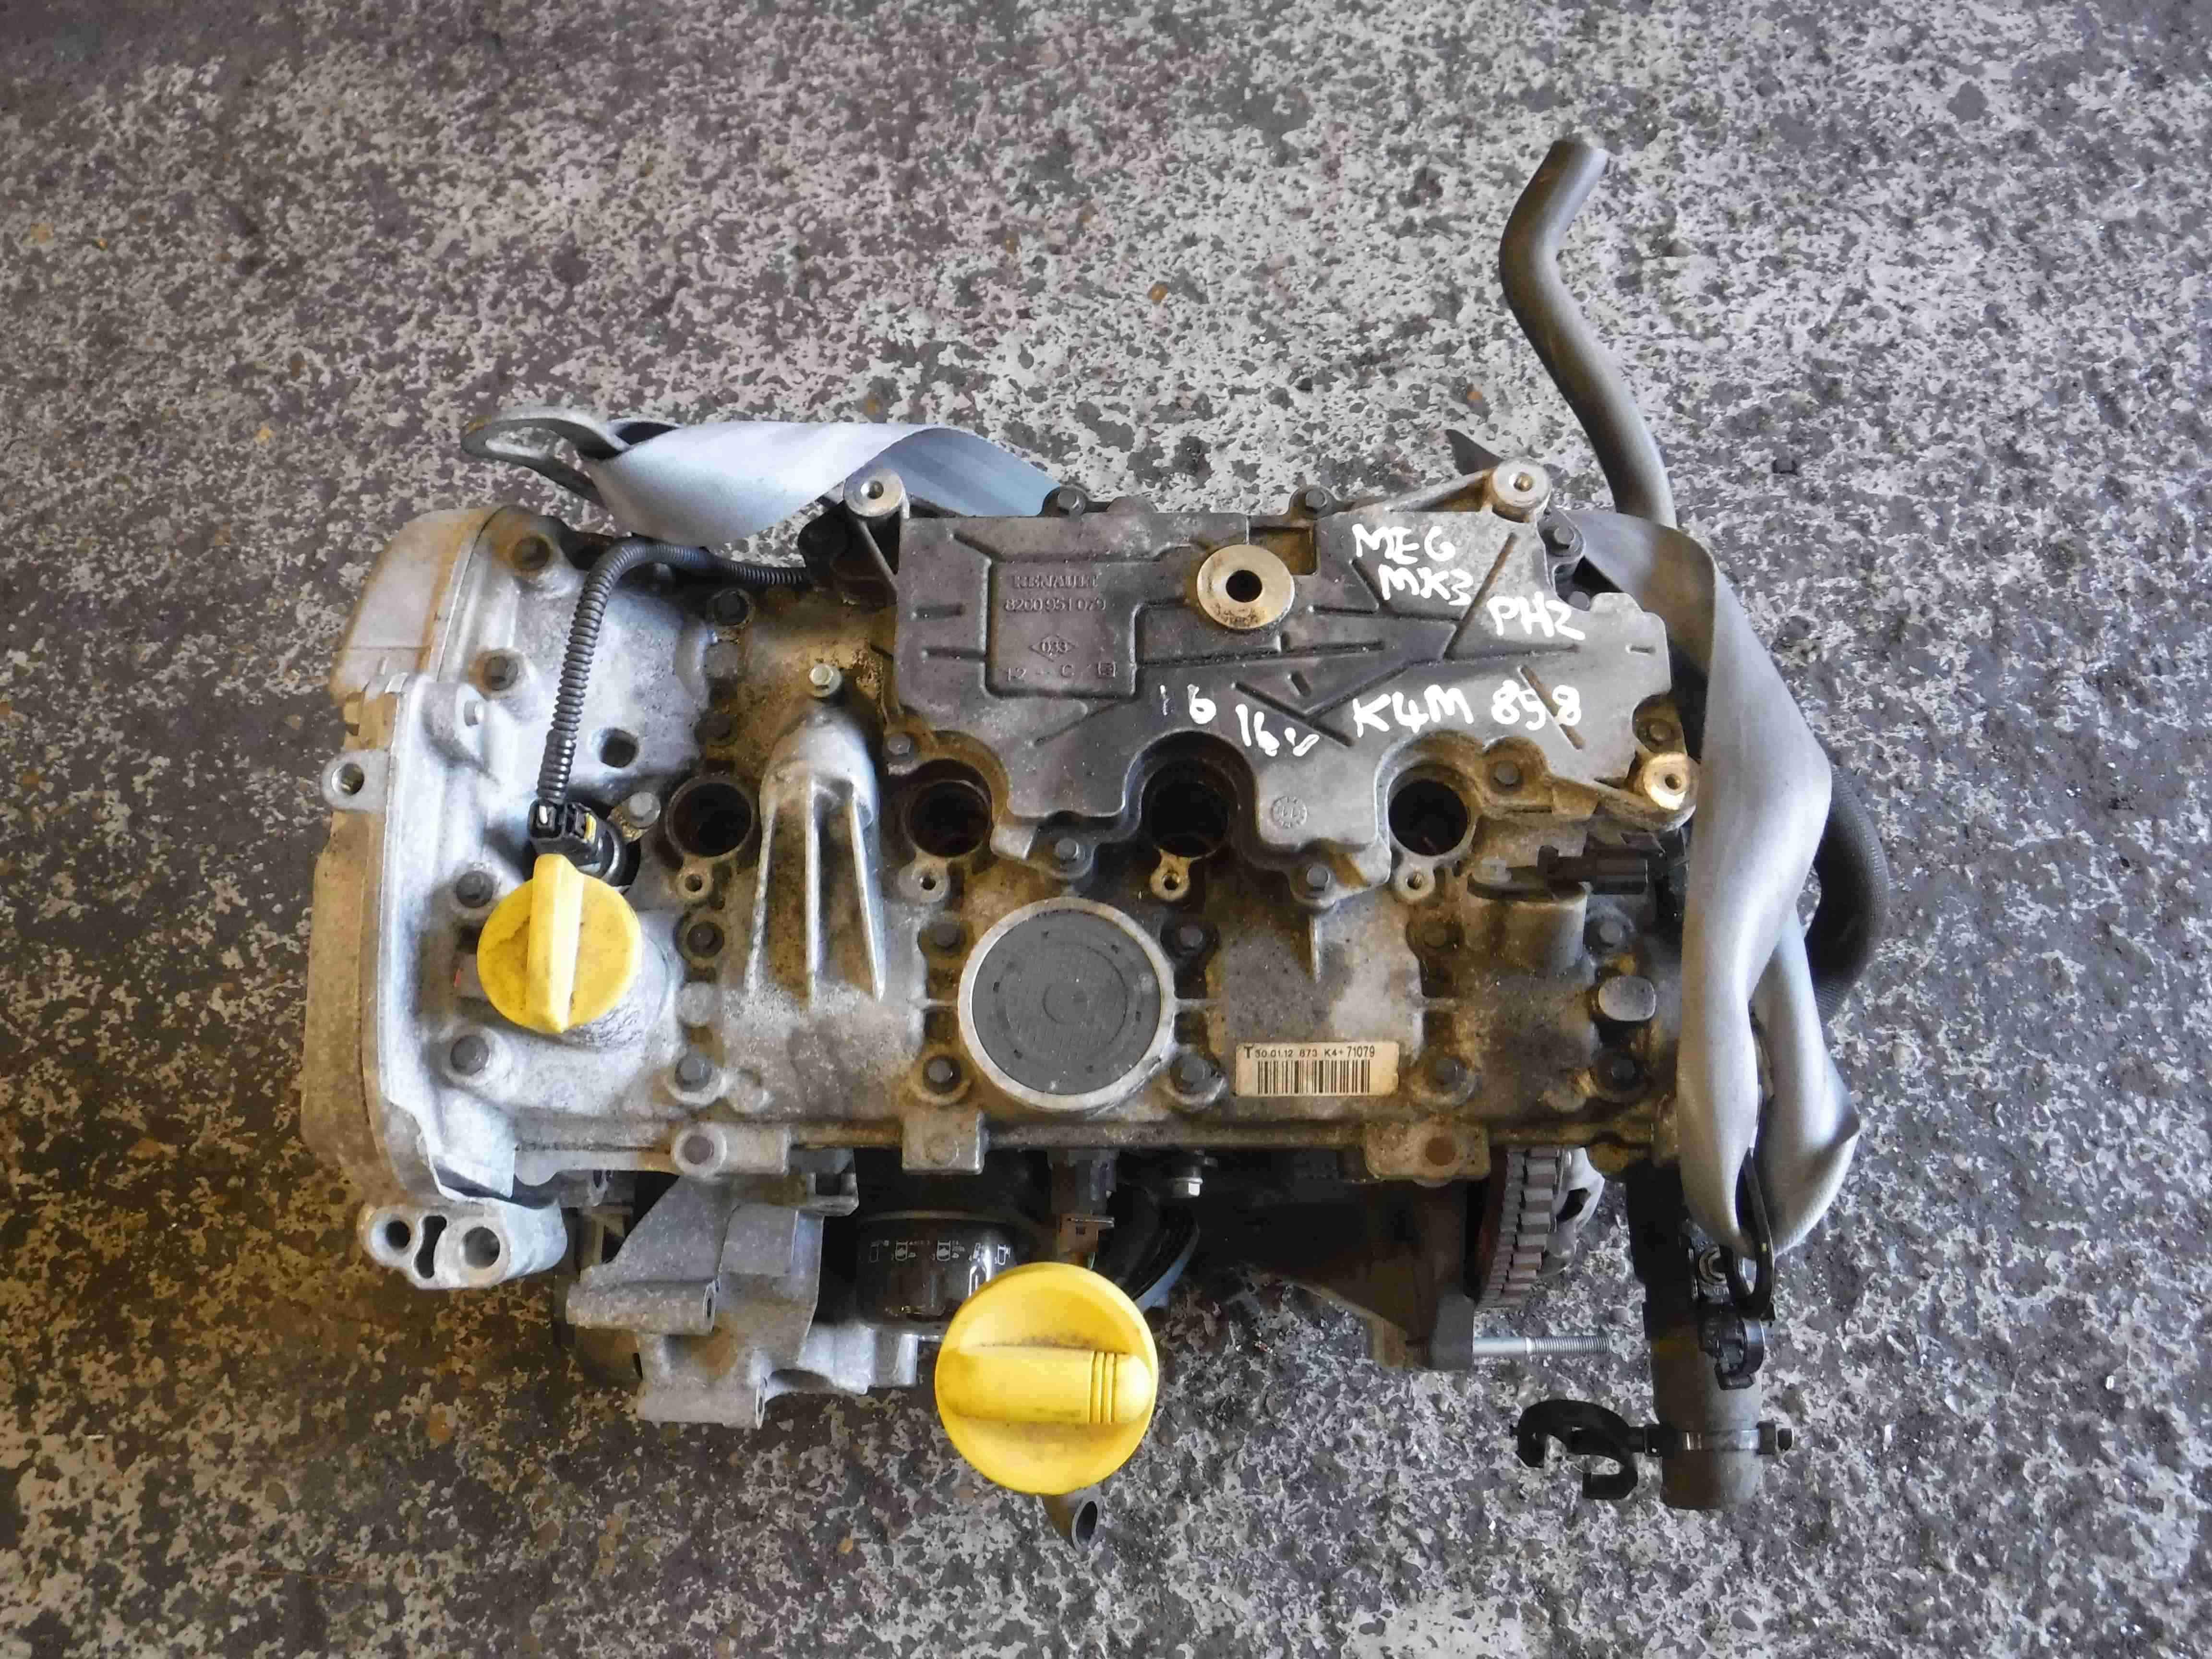 Renault Megane MK3 2008-2014 1.6 16v Engine K4M 858 K4M858